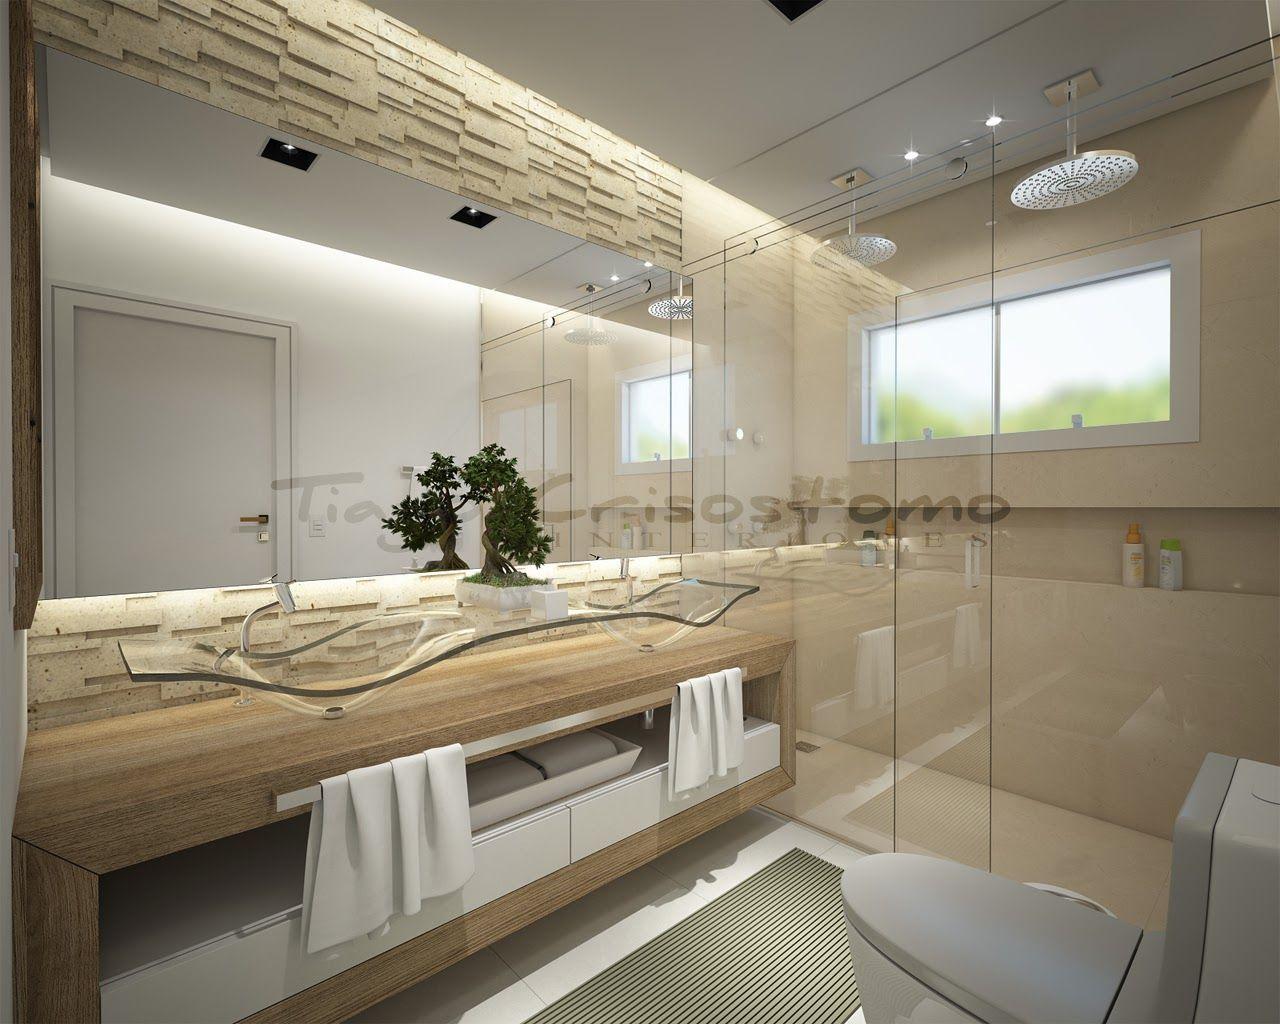 Bancada aberta com duas cubas  Banheiro  Pinterest  Showroom, Bath and Int -> Pia Para Banheiro Sketchup